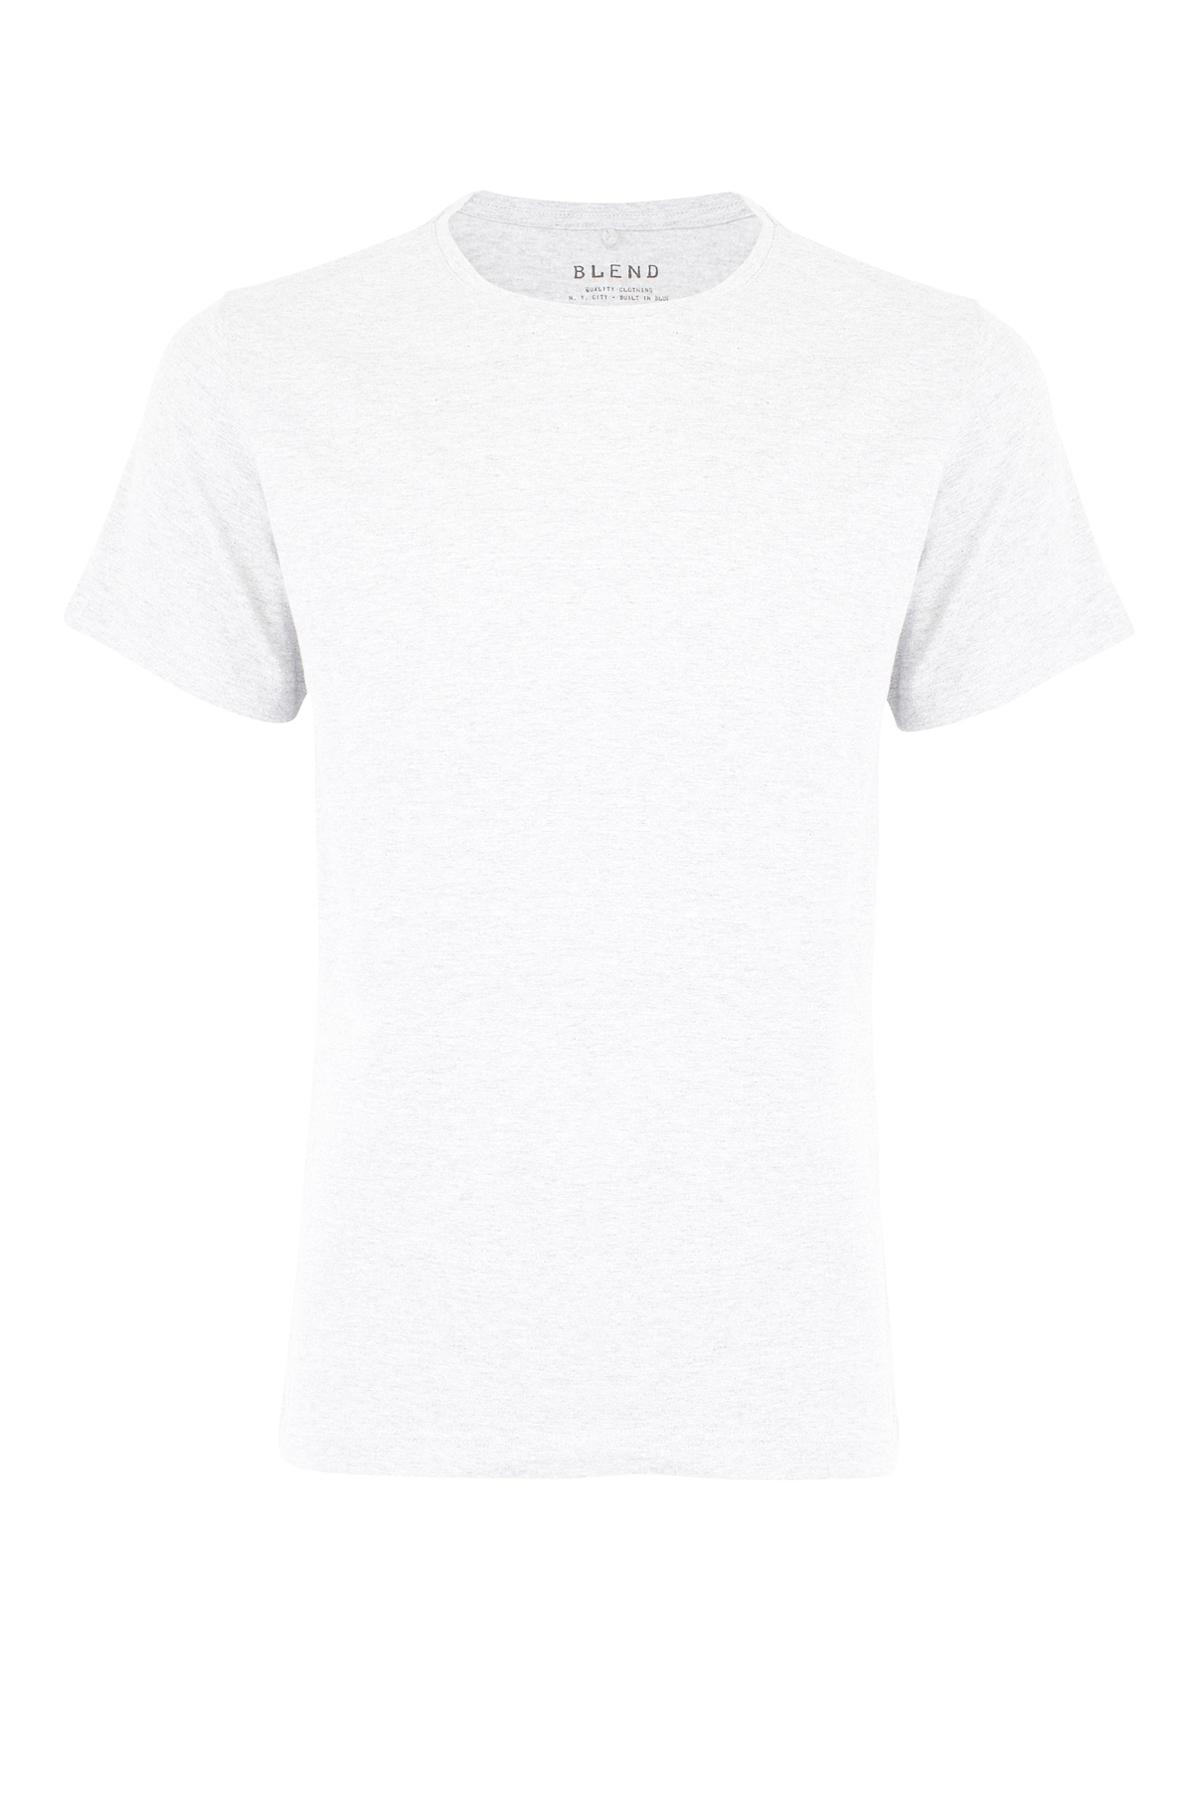 Blend He Herre Kortærmet T-shirt - Hvid